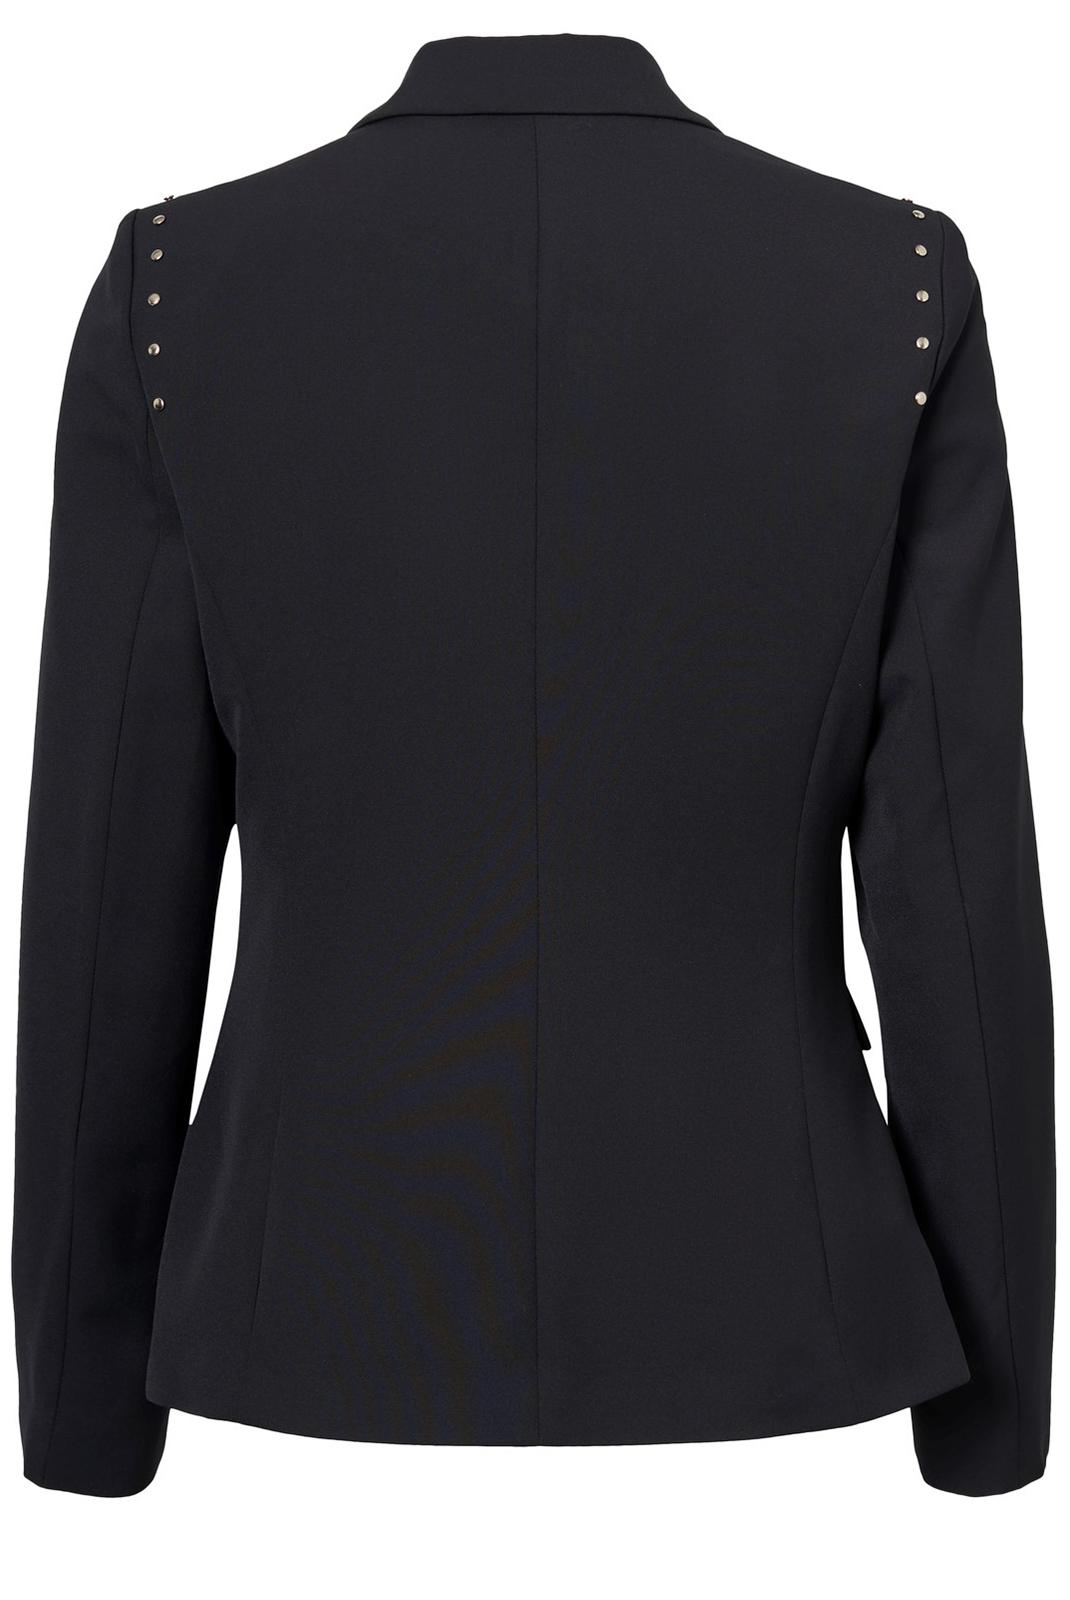 Vestes & blousons  Vero moda SANDY LS BLAZER Black